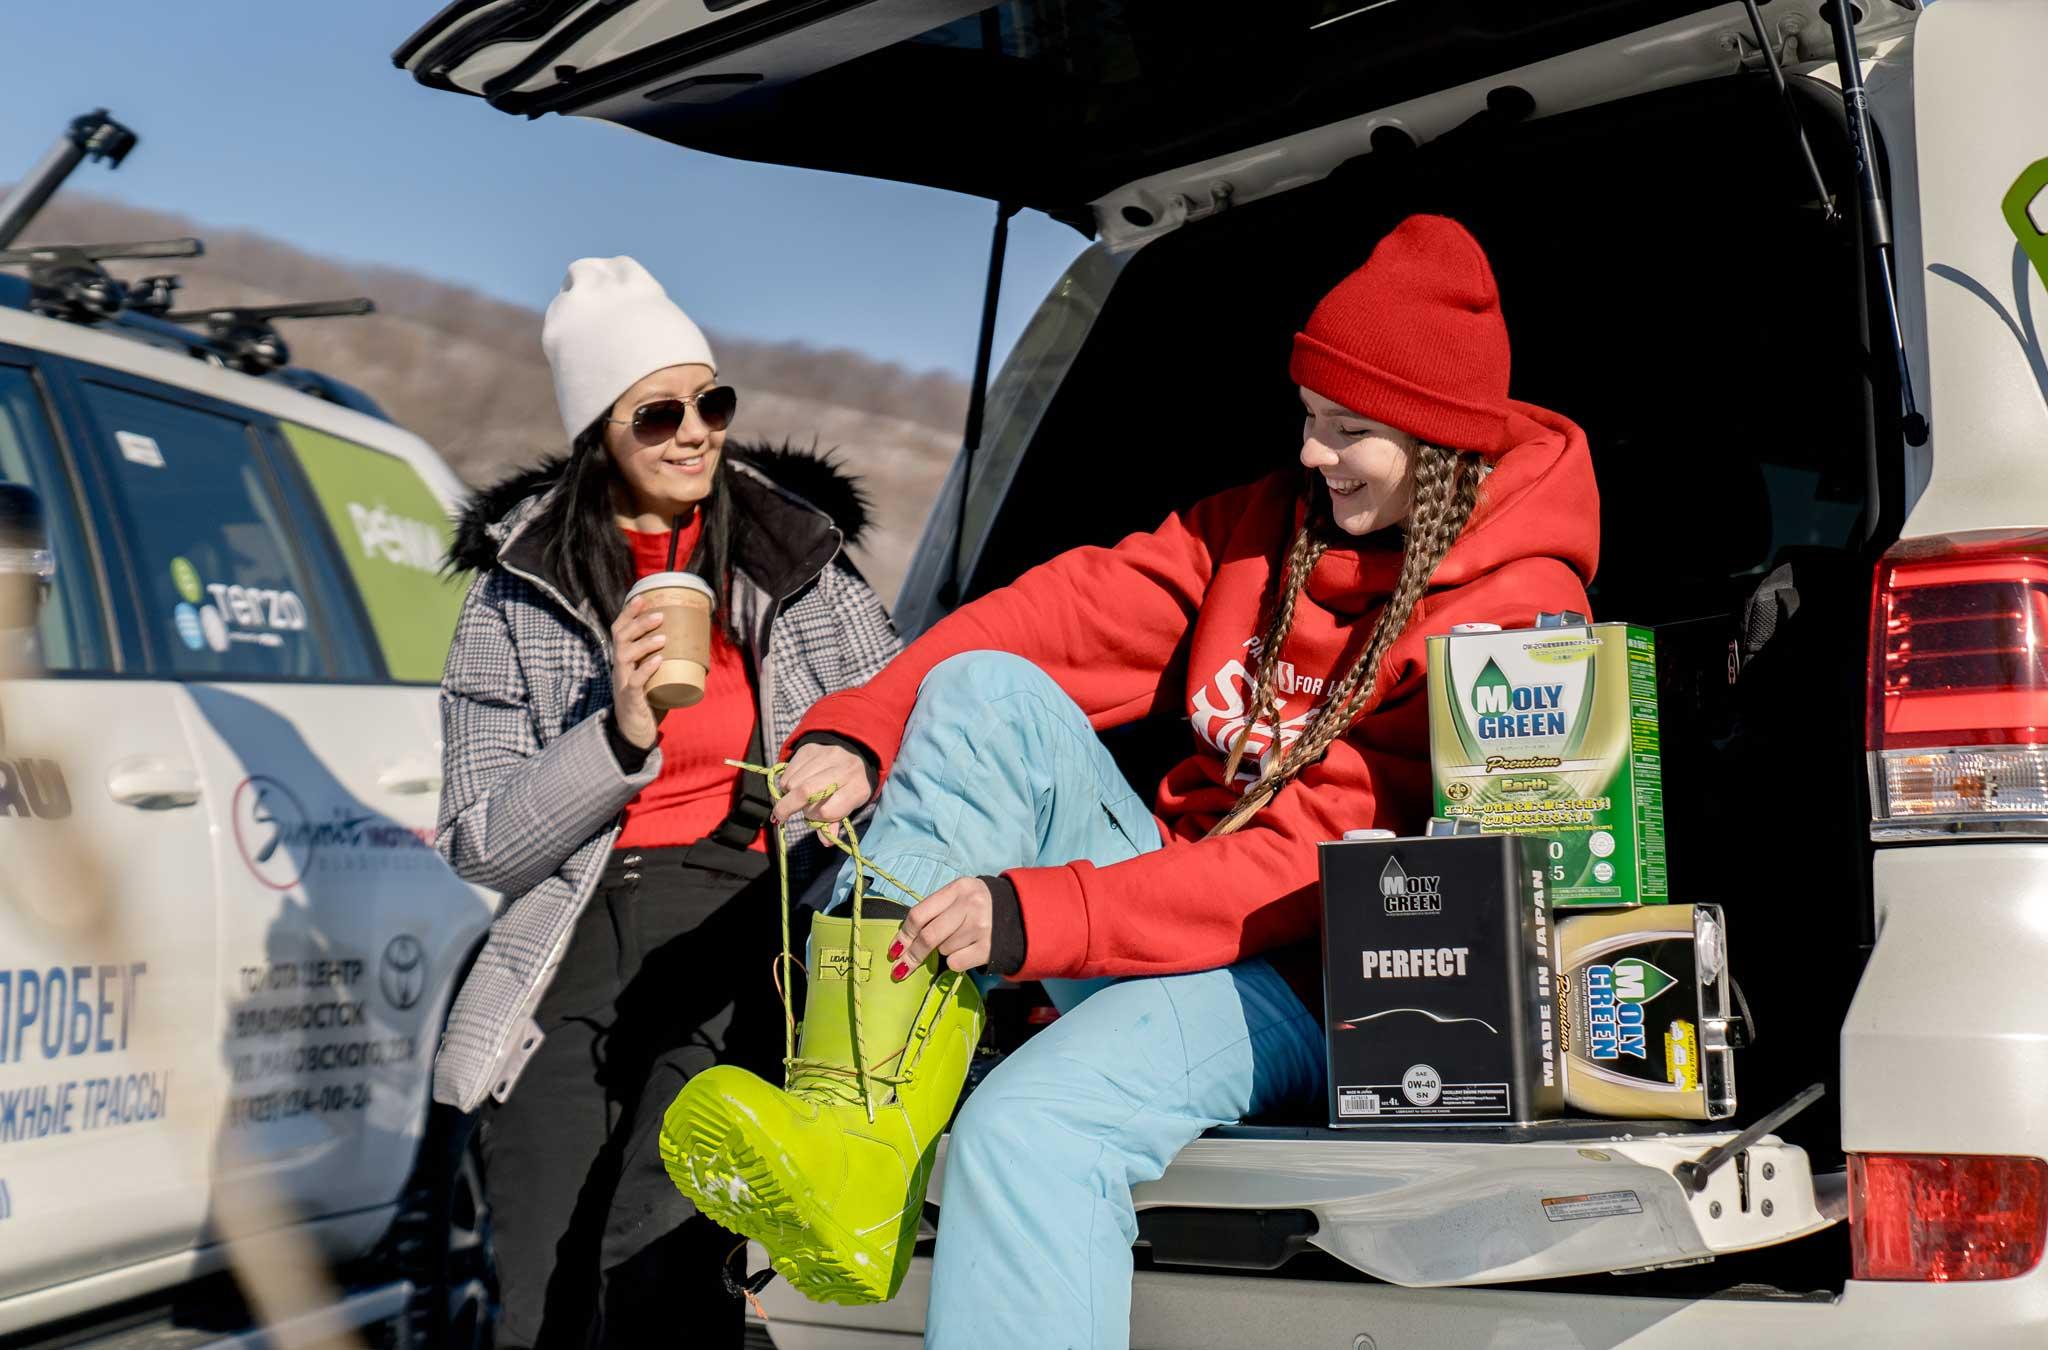 Каждый день в инстаграм-аккаунте dvkp.ru мы разыгрывали подарки от генерального партнера автопробега. На этот раз призовой фонд составил 24 литра моторного масла из Японии  MOLYGREEN.